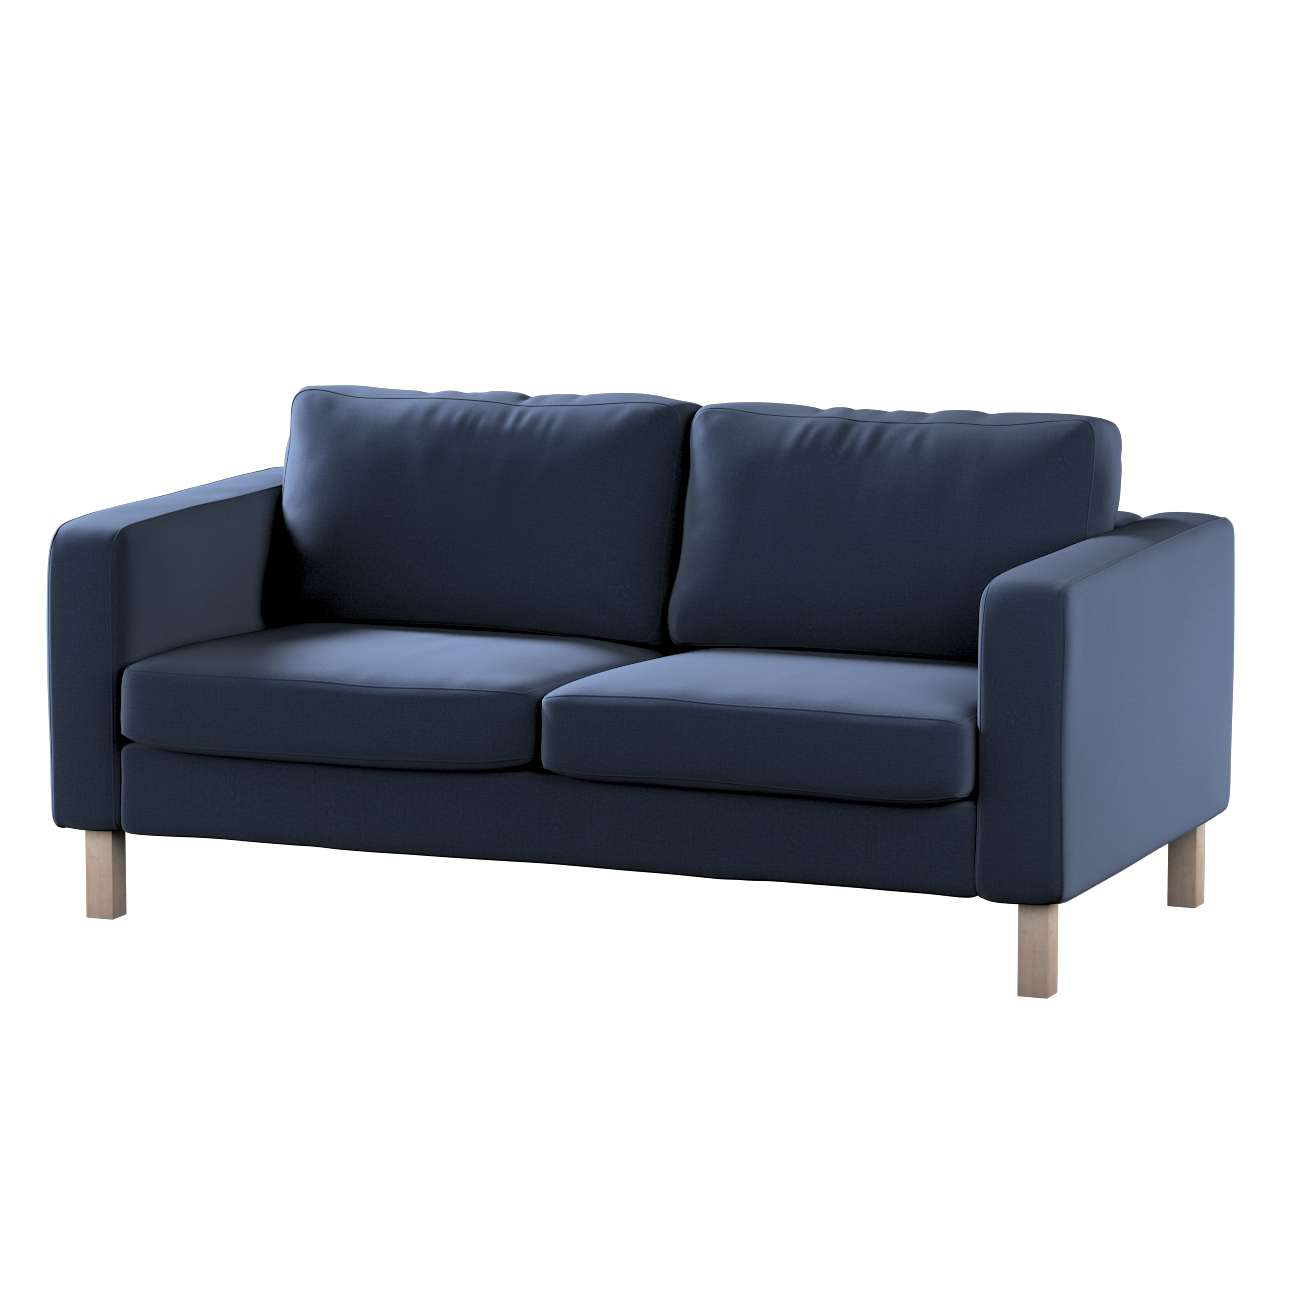 Pokrowiec na sofę Karlstad 2-osobową nierozkładaną krótki w kolekcji Ingrid, tkanina: 705-39